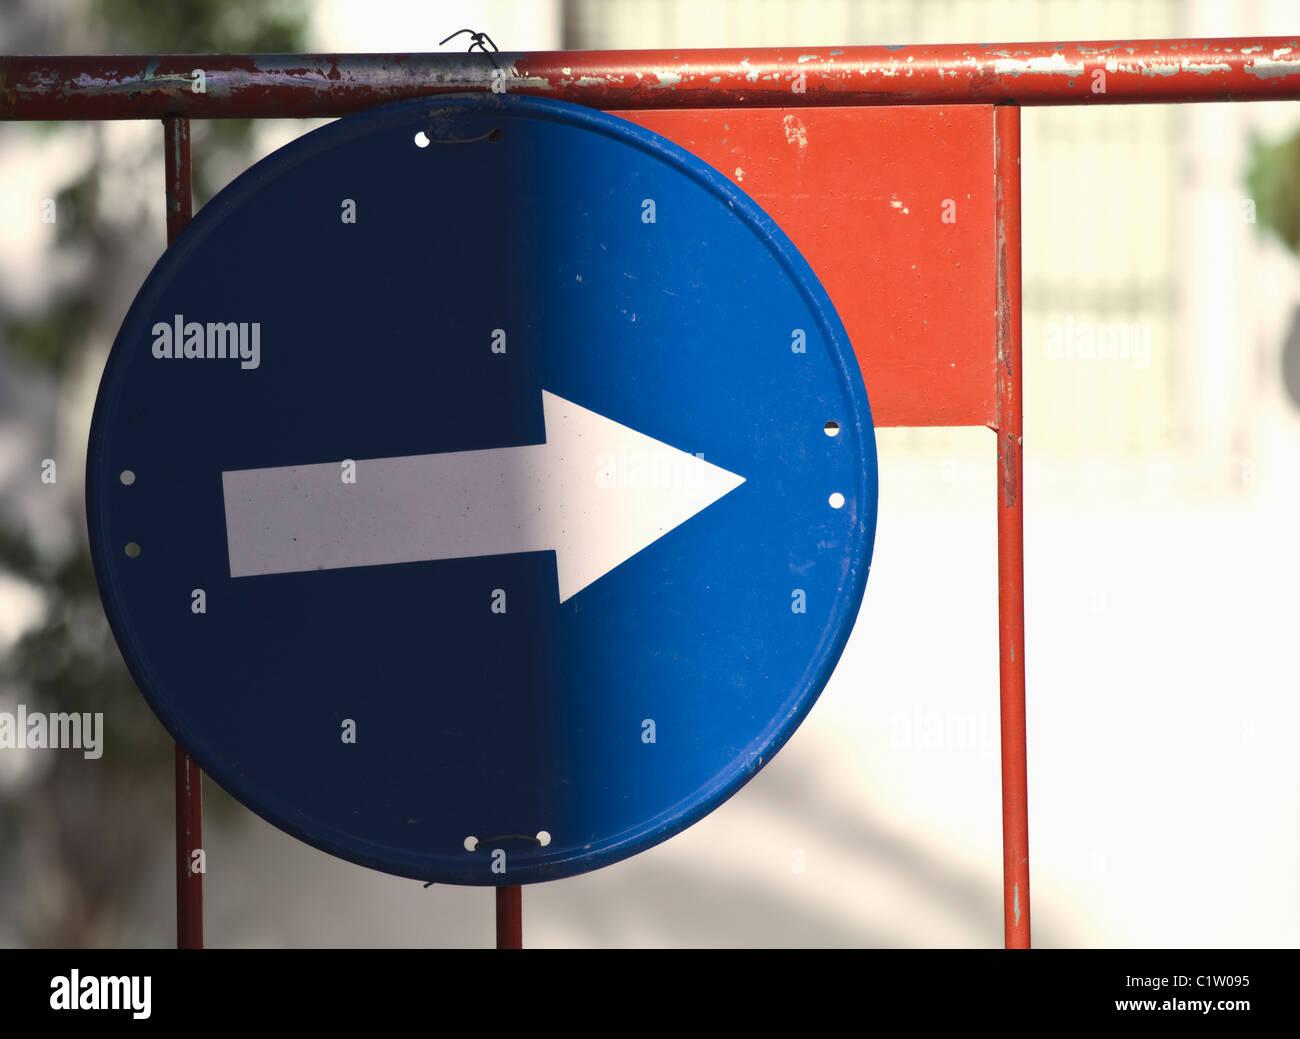 Flecha blanca sobre fondo azul dirigiendo el tráfico a la derecha Imagen De Stock